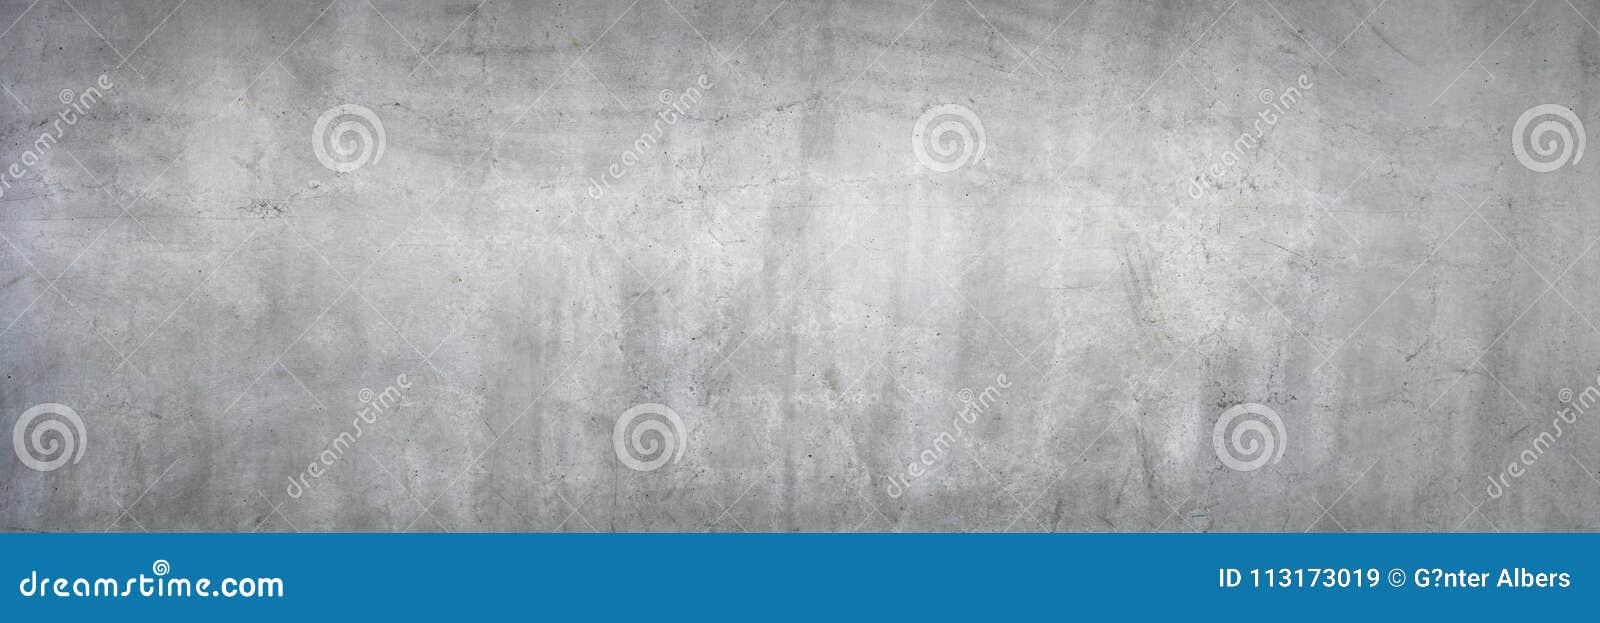 Schmutzige graue Betonmauer